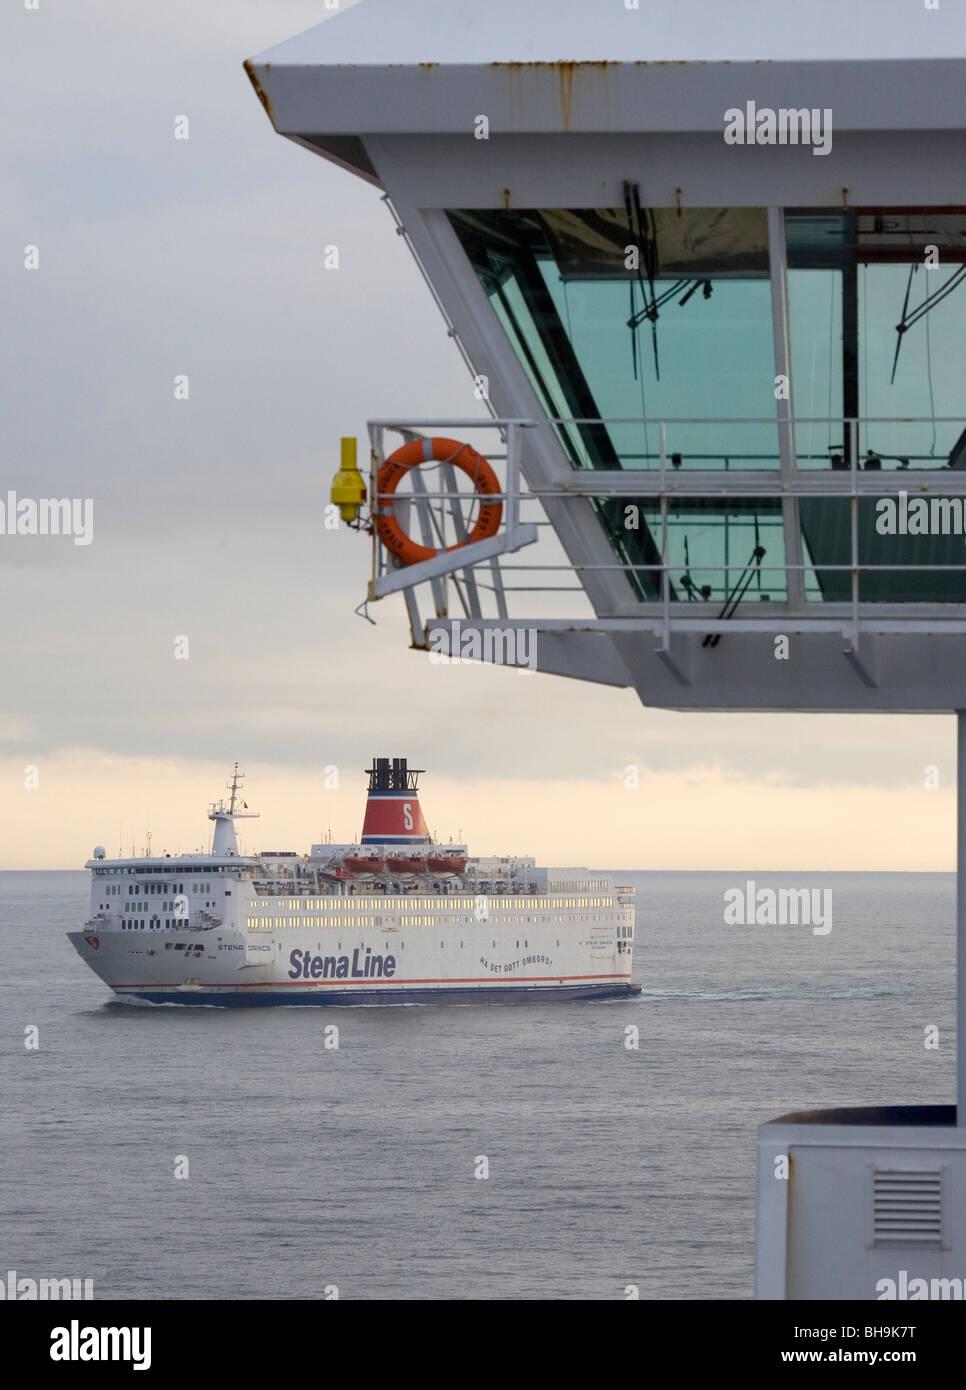 Stena Line ferries on Kattegat. - Stock Image